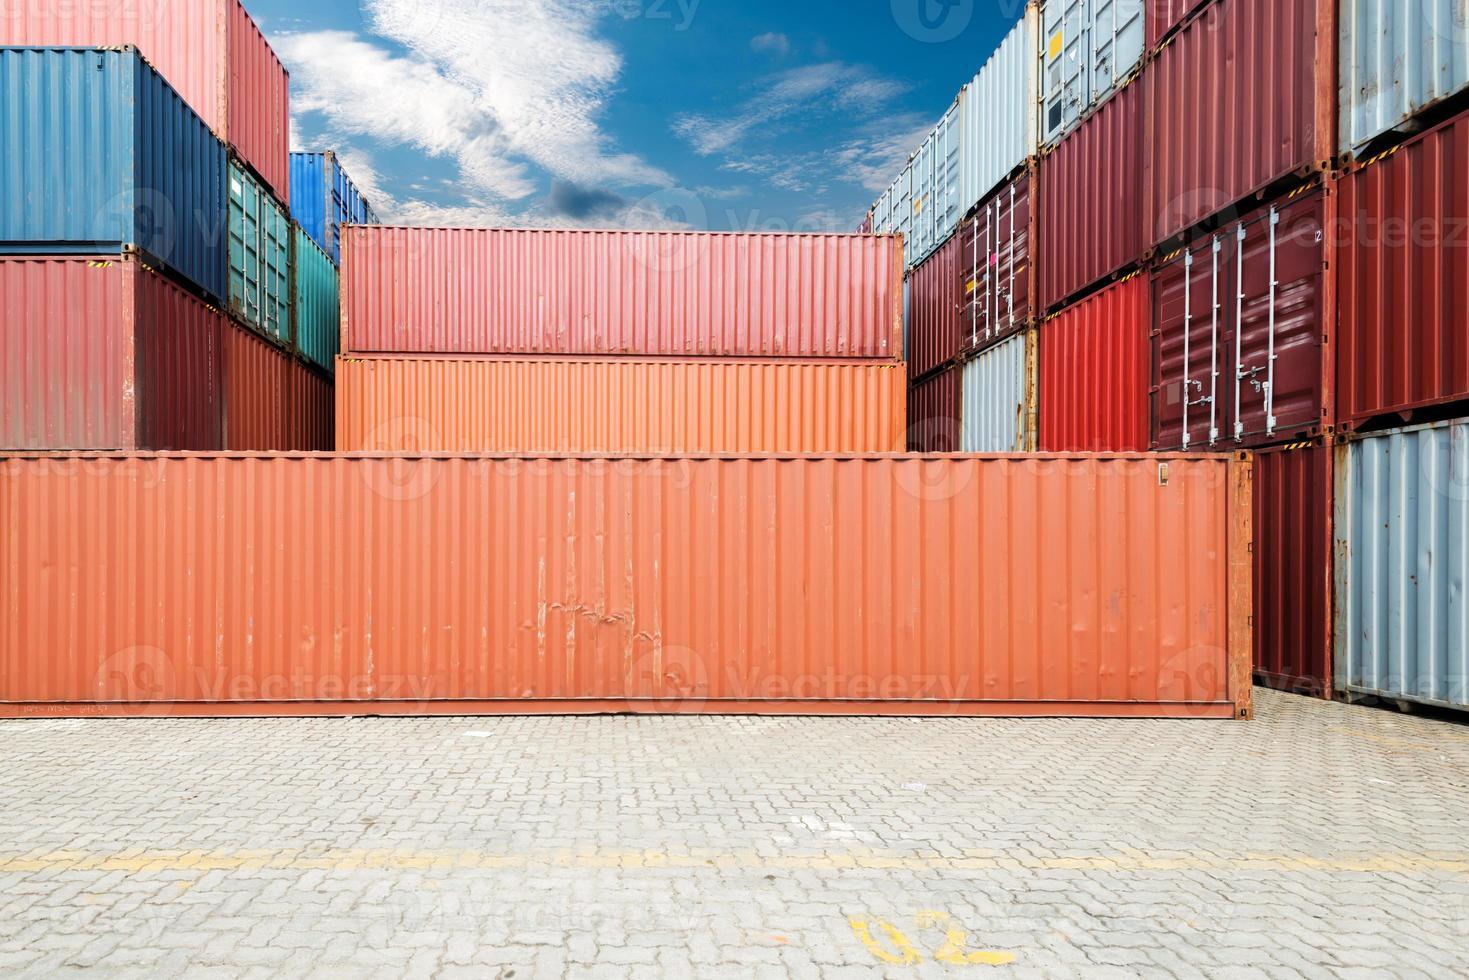 pila de contenedores de carga en los muelles foto